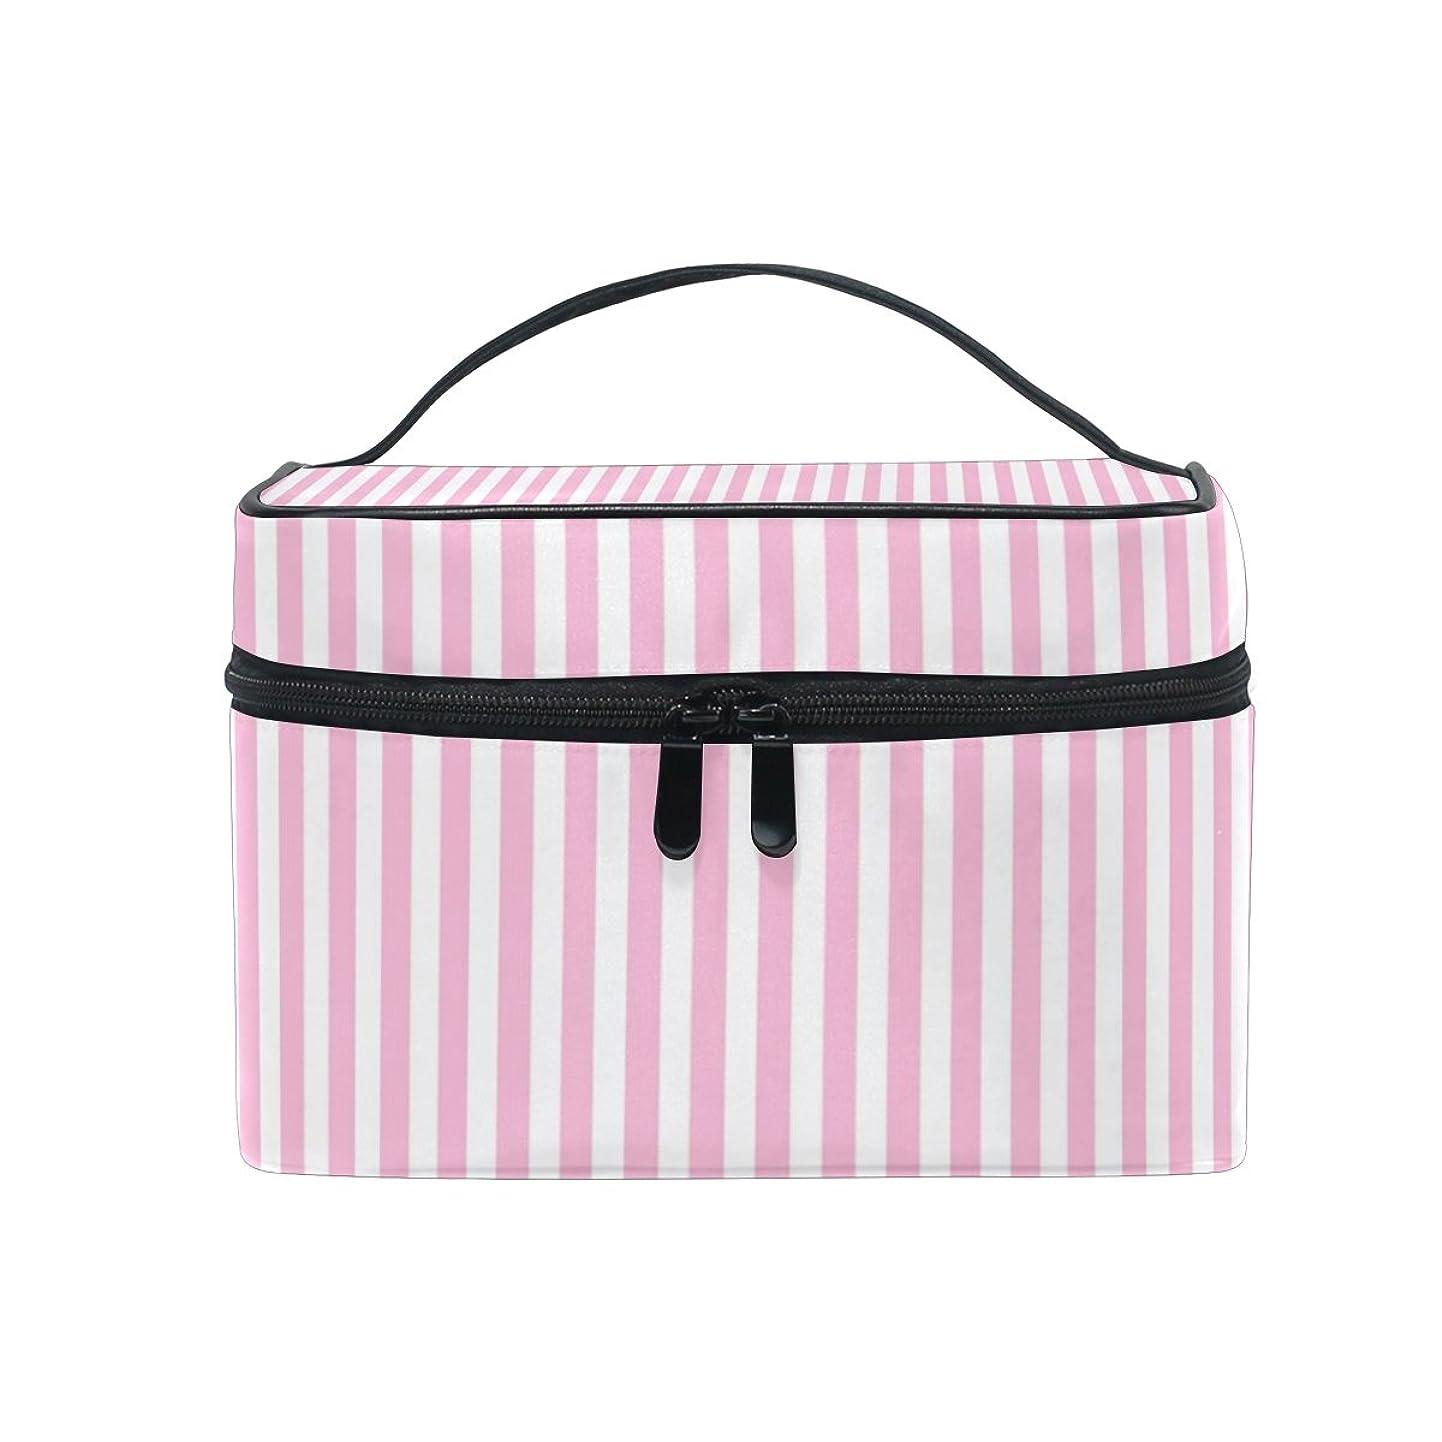 クルー十代の若者たち案件ALAZA 化粧ポーチ ストライプ柄 縞模様 化粧 メイクボックス 収納用品 ピンク 大きめ かわいい